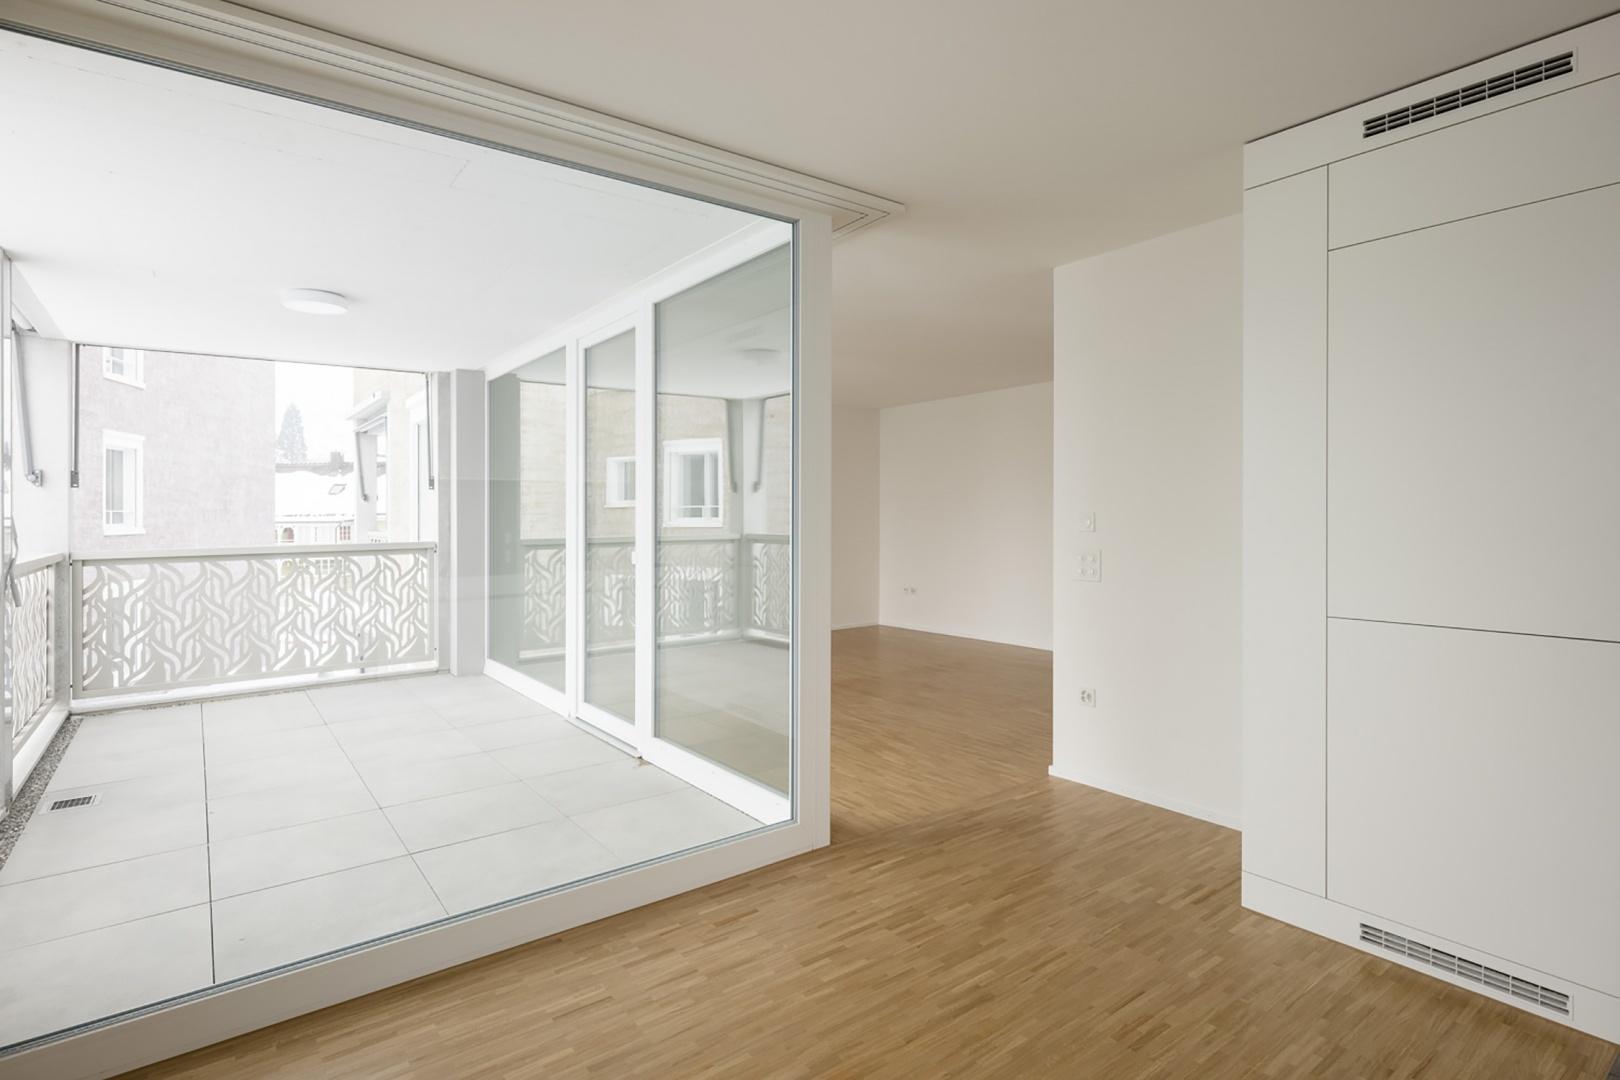 Mehrfachausrichtung der Wohnungen © Stephan Bösch, St. Gallen 2017